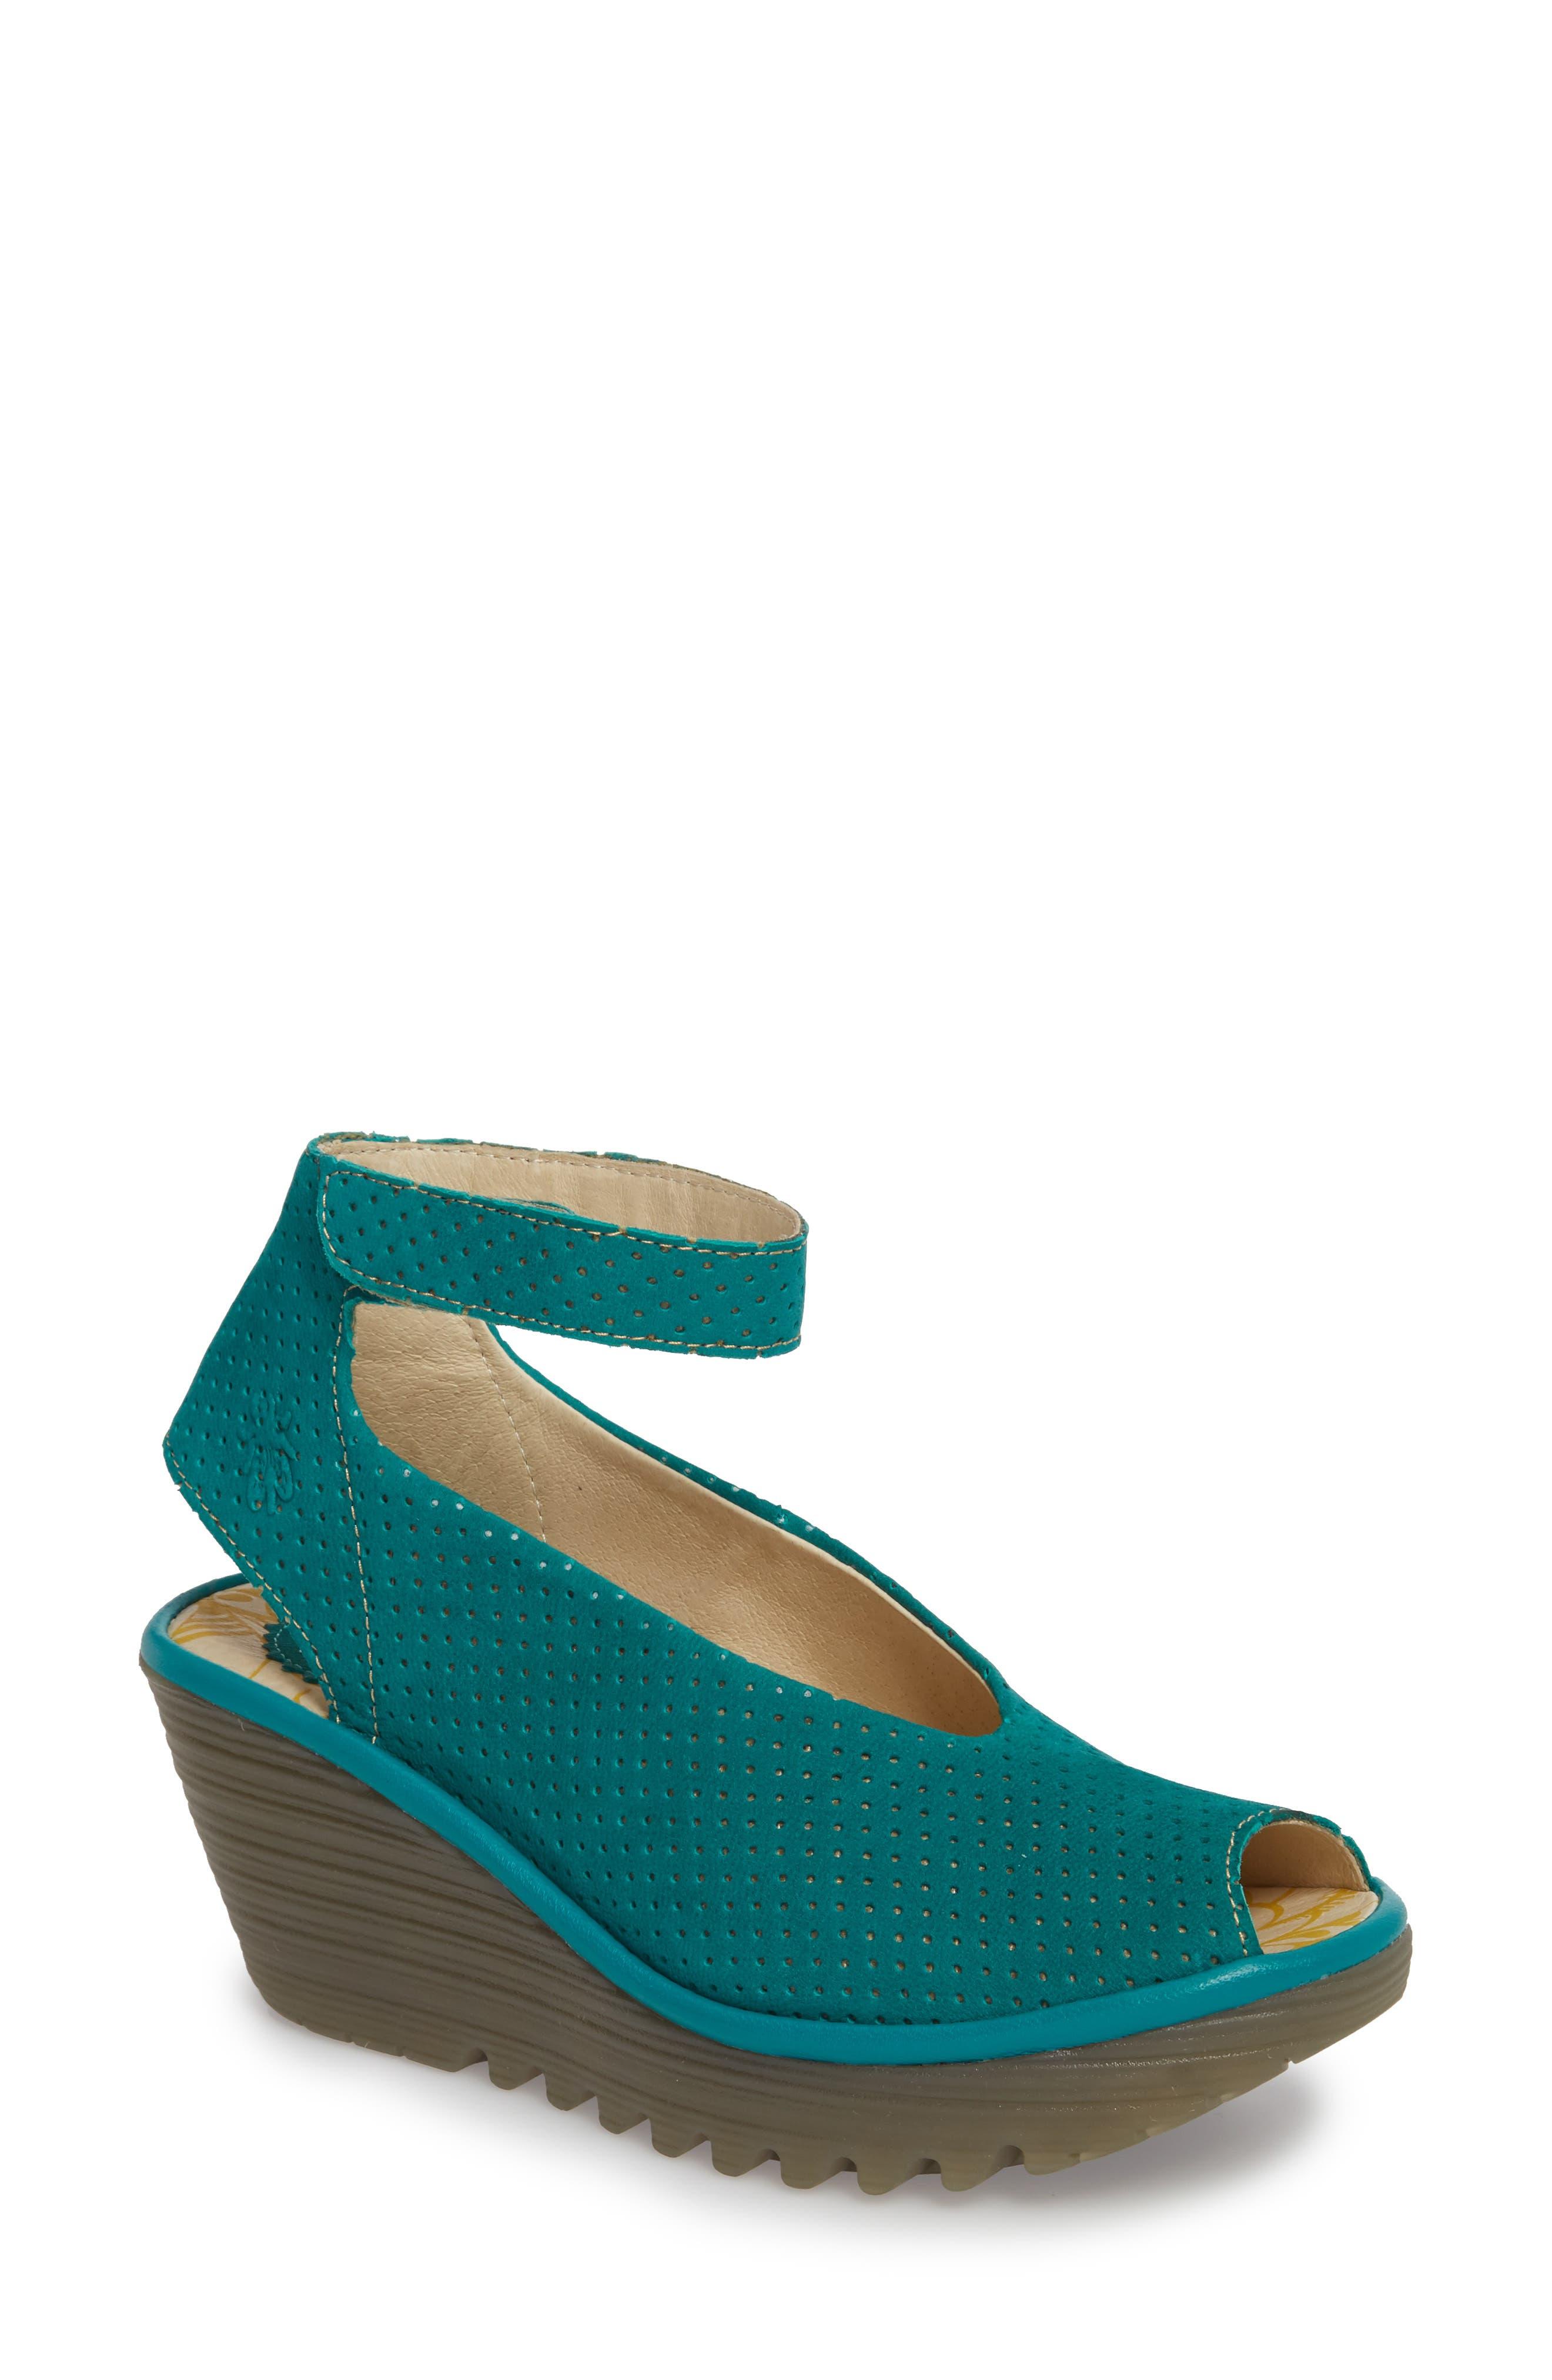 Main Image - Fly London 'Yala' Perforated Leather Sandal